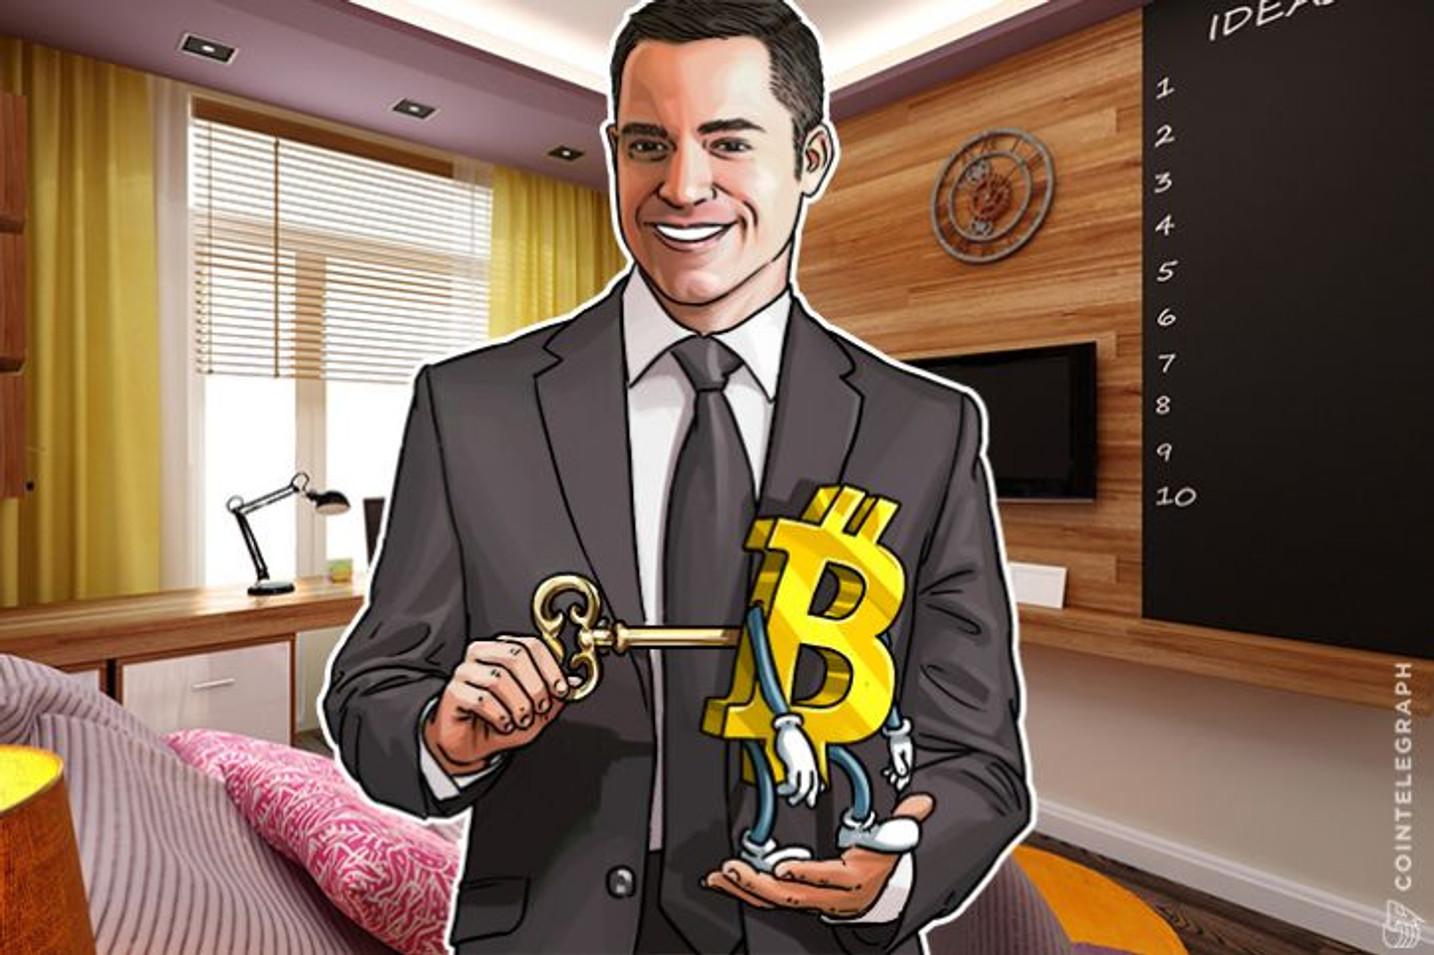 Roger Ver氏曰く―頑なにビットコインだけ採用している企業はすぐにでもアルトコインを導入するべきである